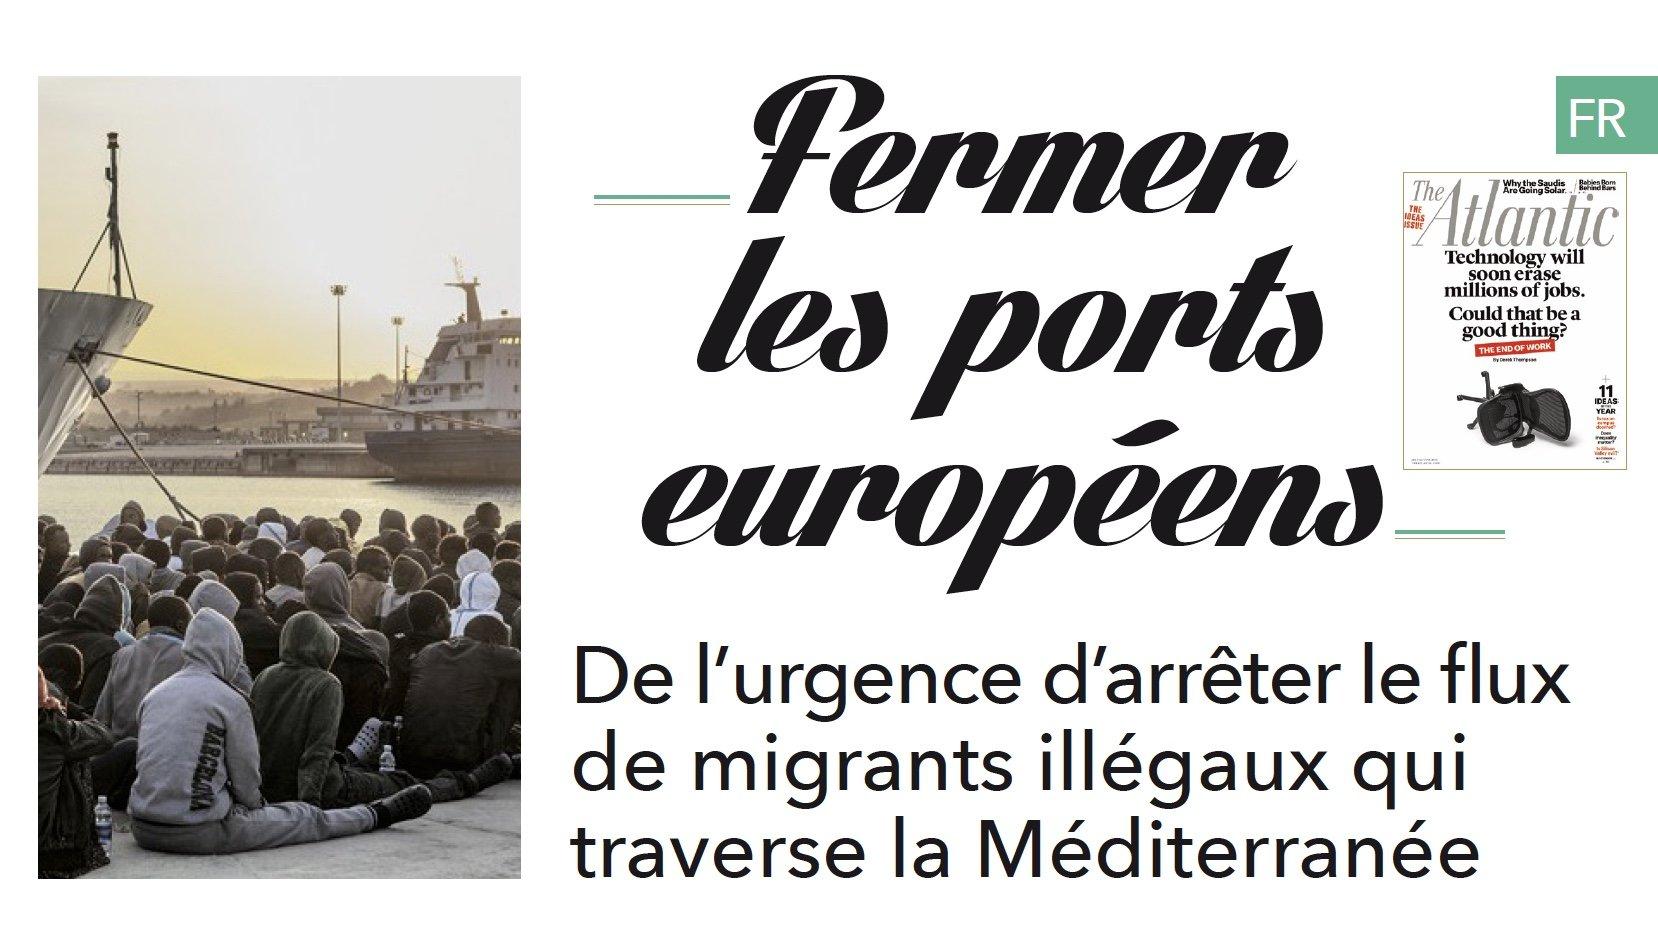 Voici un texte que la France rebelle a adressé à tous les parlementaires. Le plaidoyer d'un homme de gauche pour l'arrêt de l'immigration illégale.